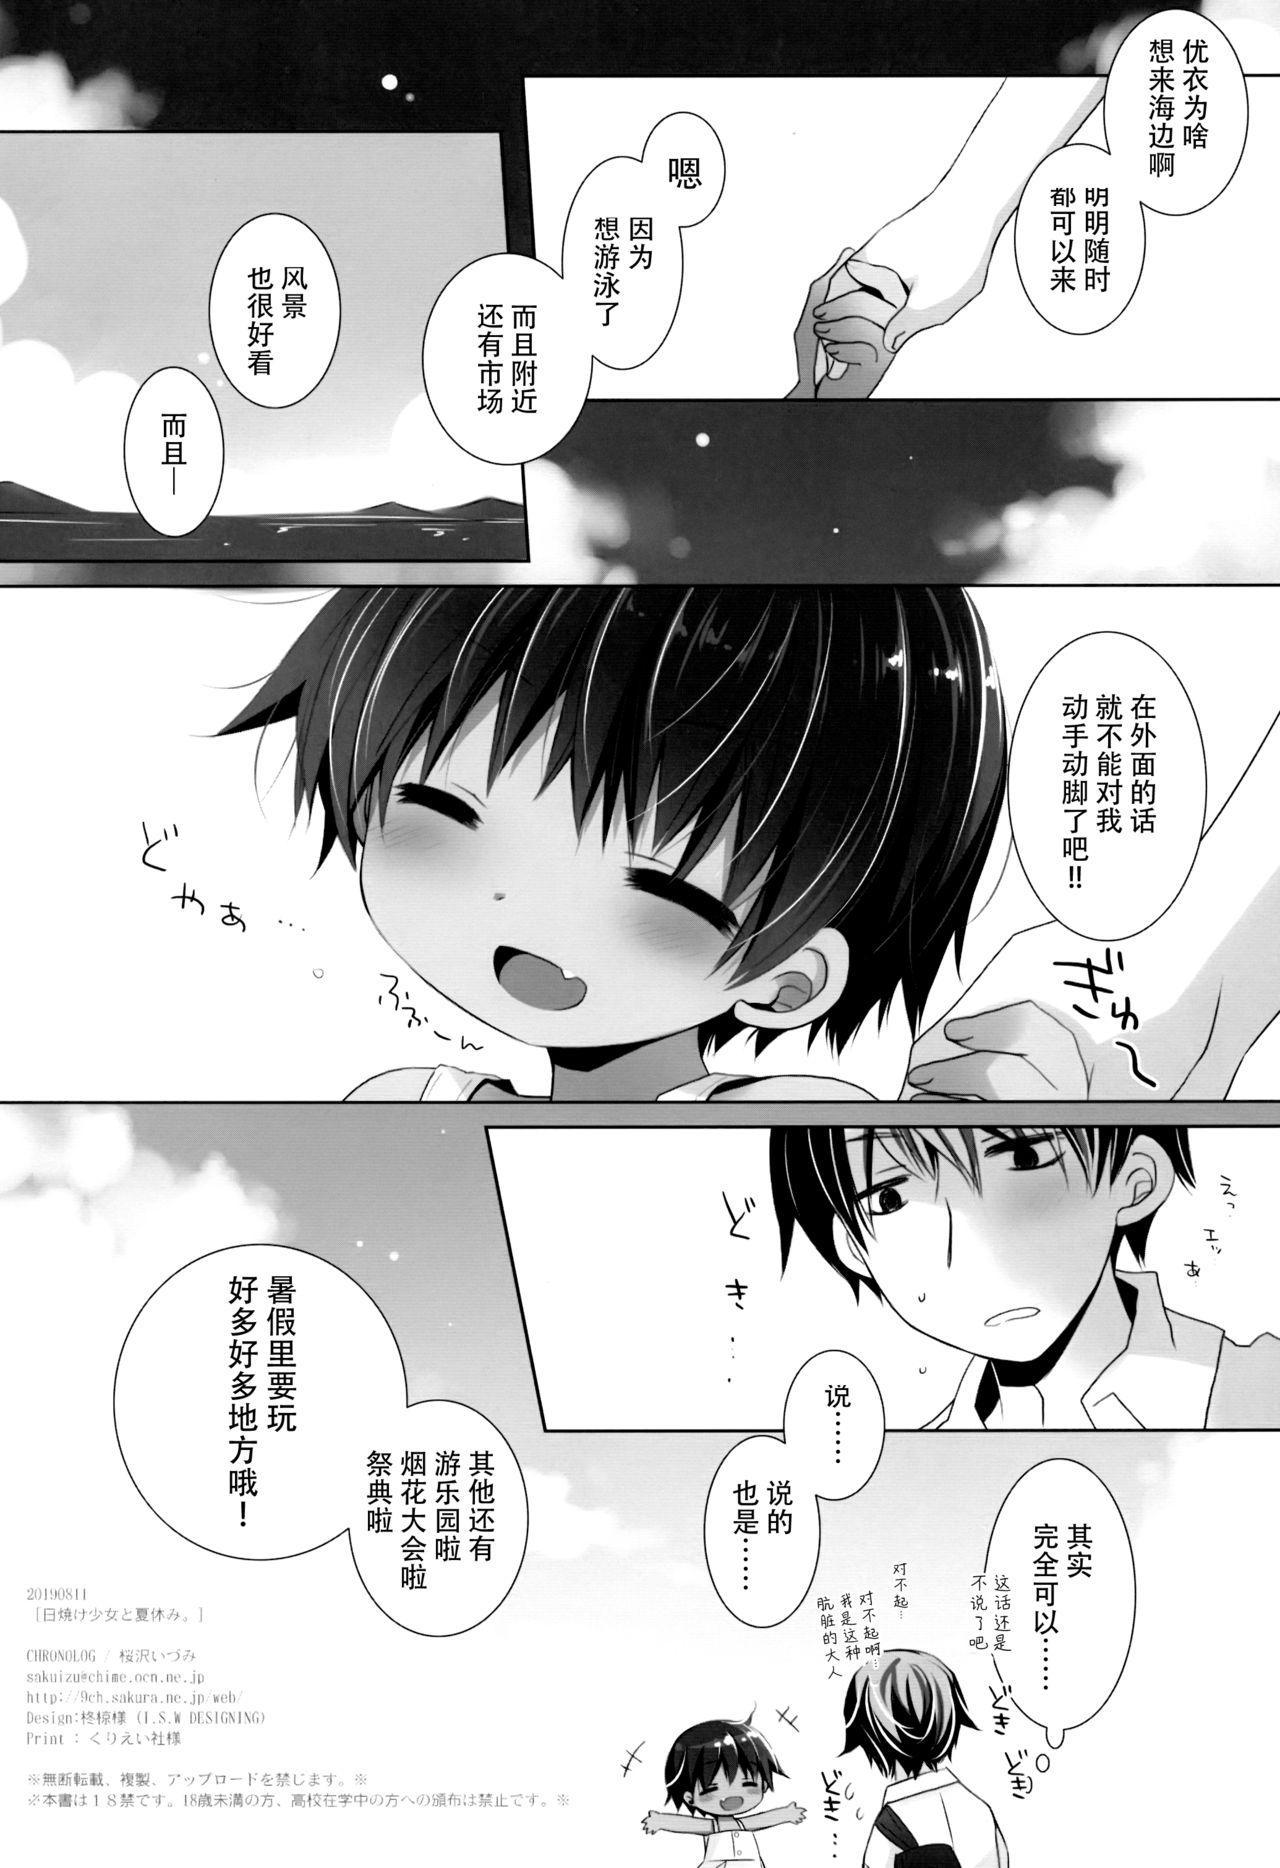 Hiyake Shoujo to Natsuyasumi. 25